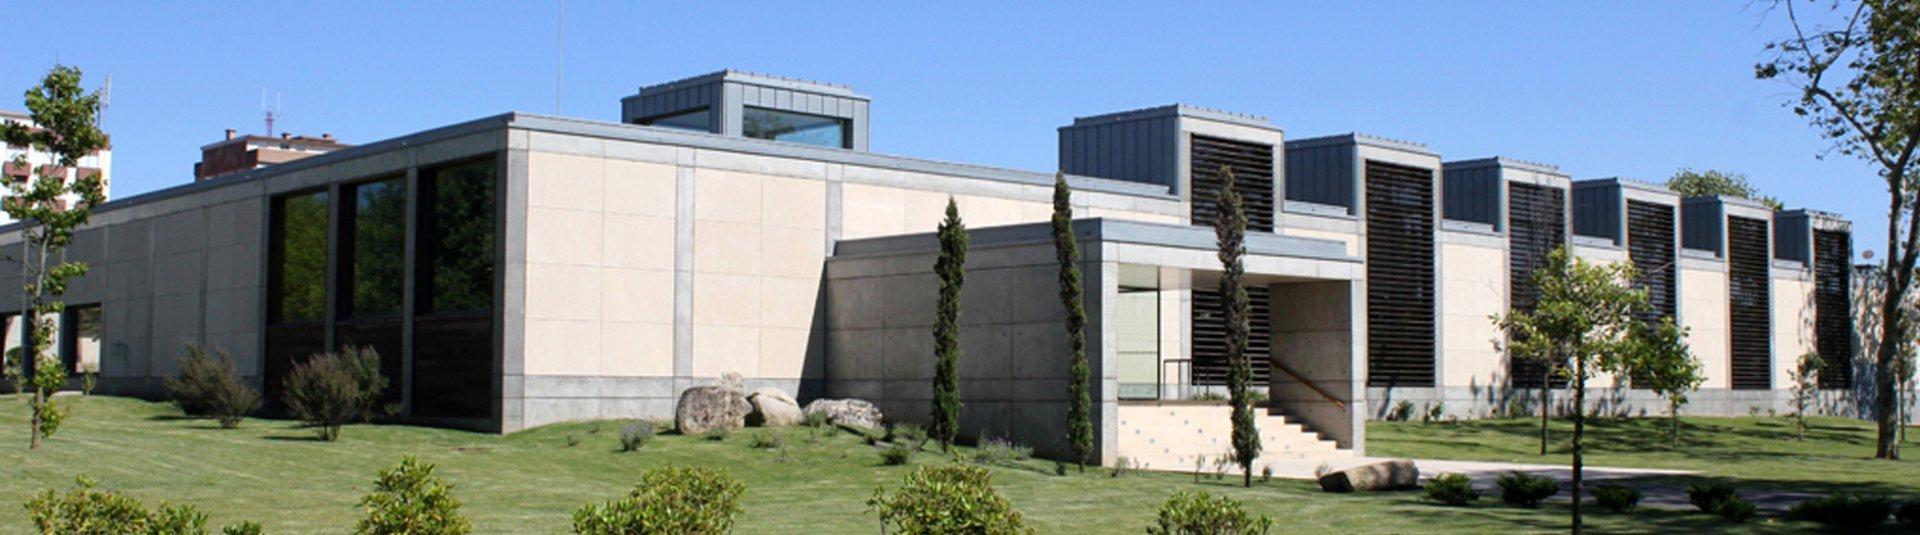 Reabertura da Biblioteca Municipal José Marmelo e Silva